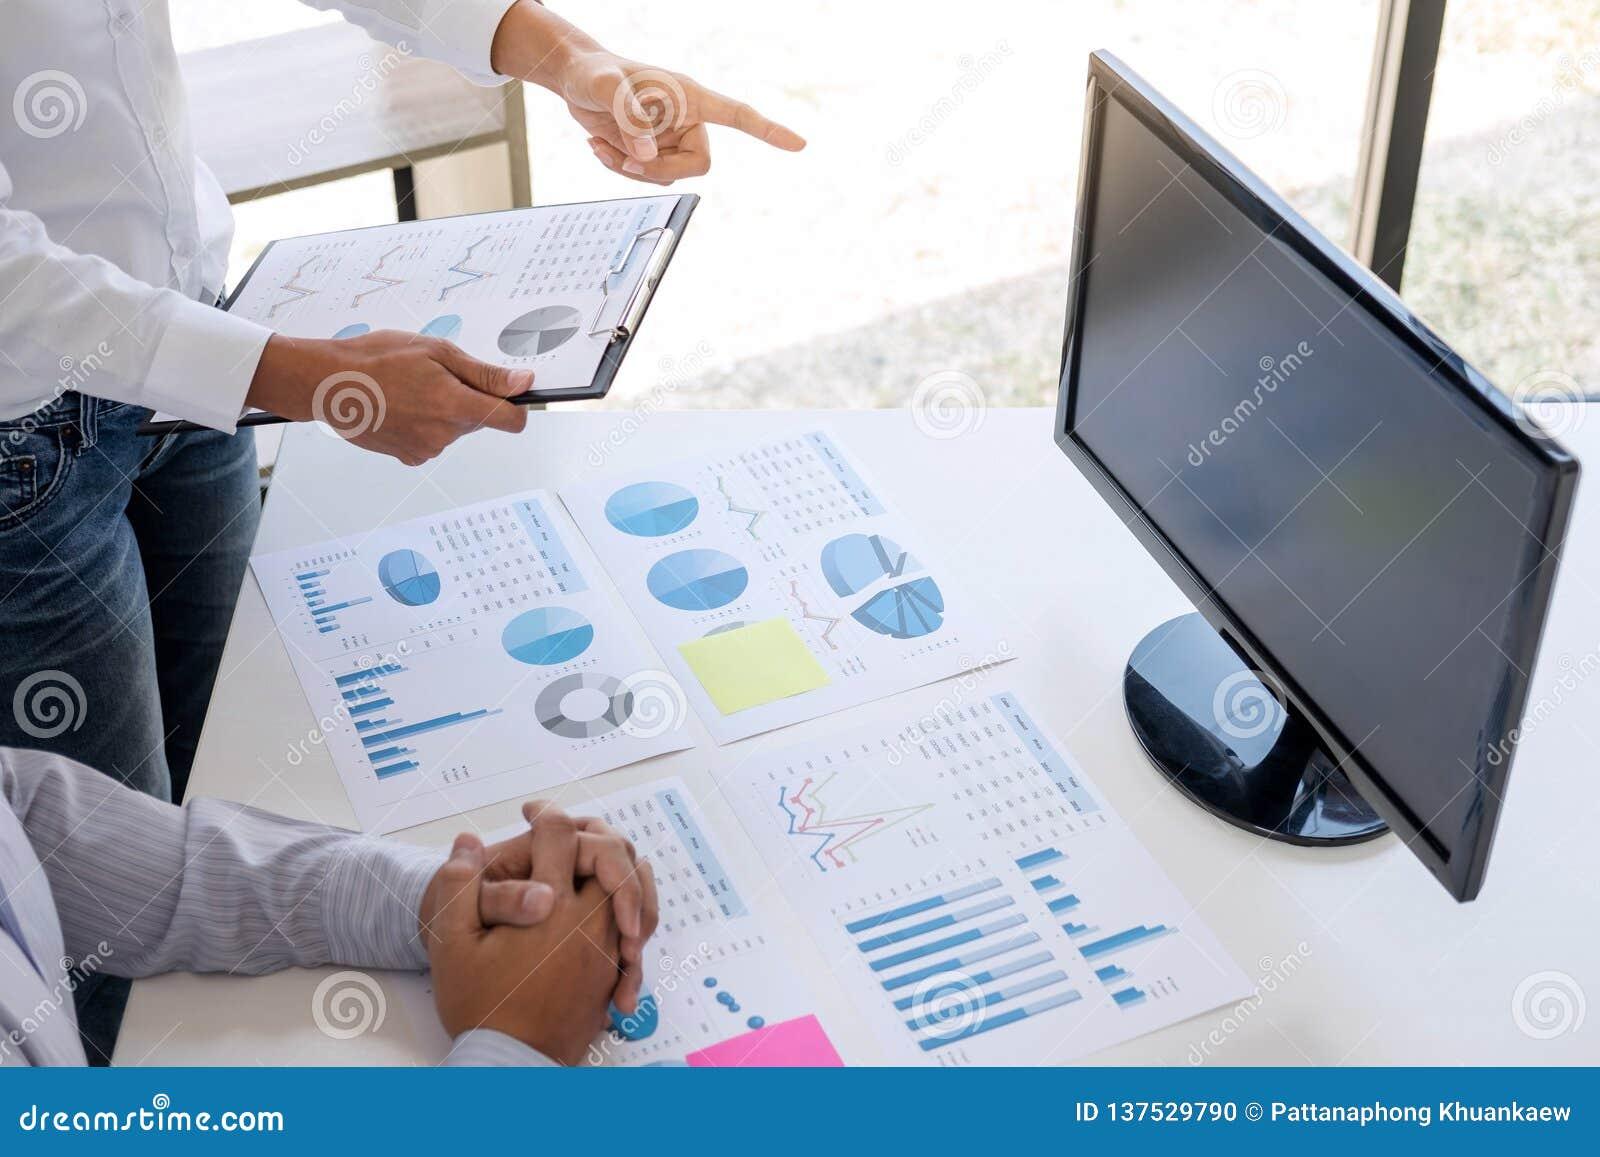 Biznesowy księgowy lub bankowiec, partner biznesowy kalkulujemy i analiza z akcyjnymi pieniężnymi wskaźnikami mądrze i pieniężnym